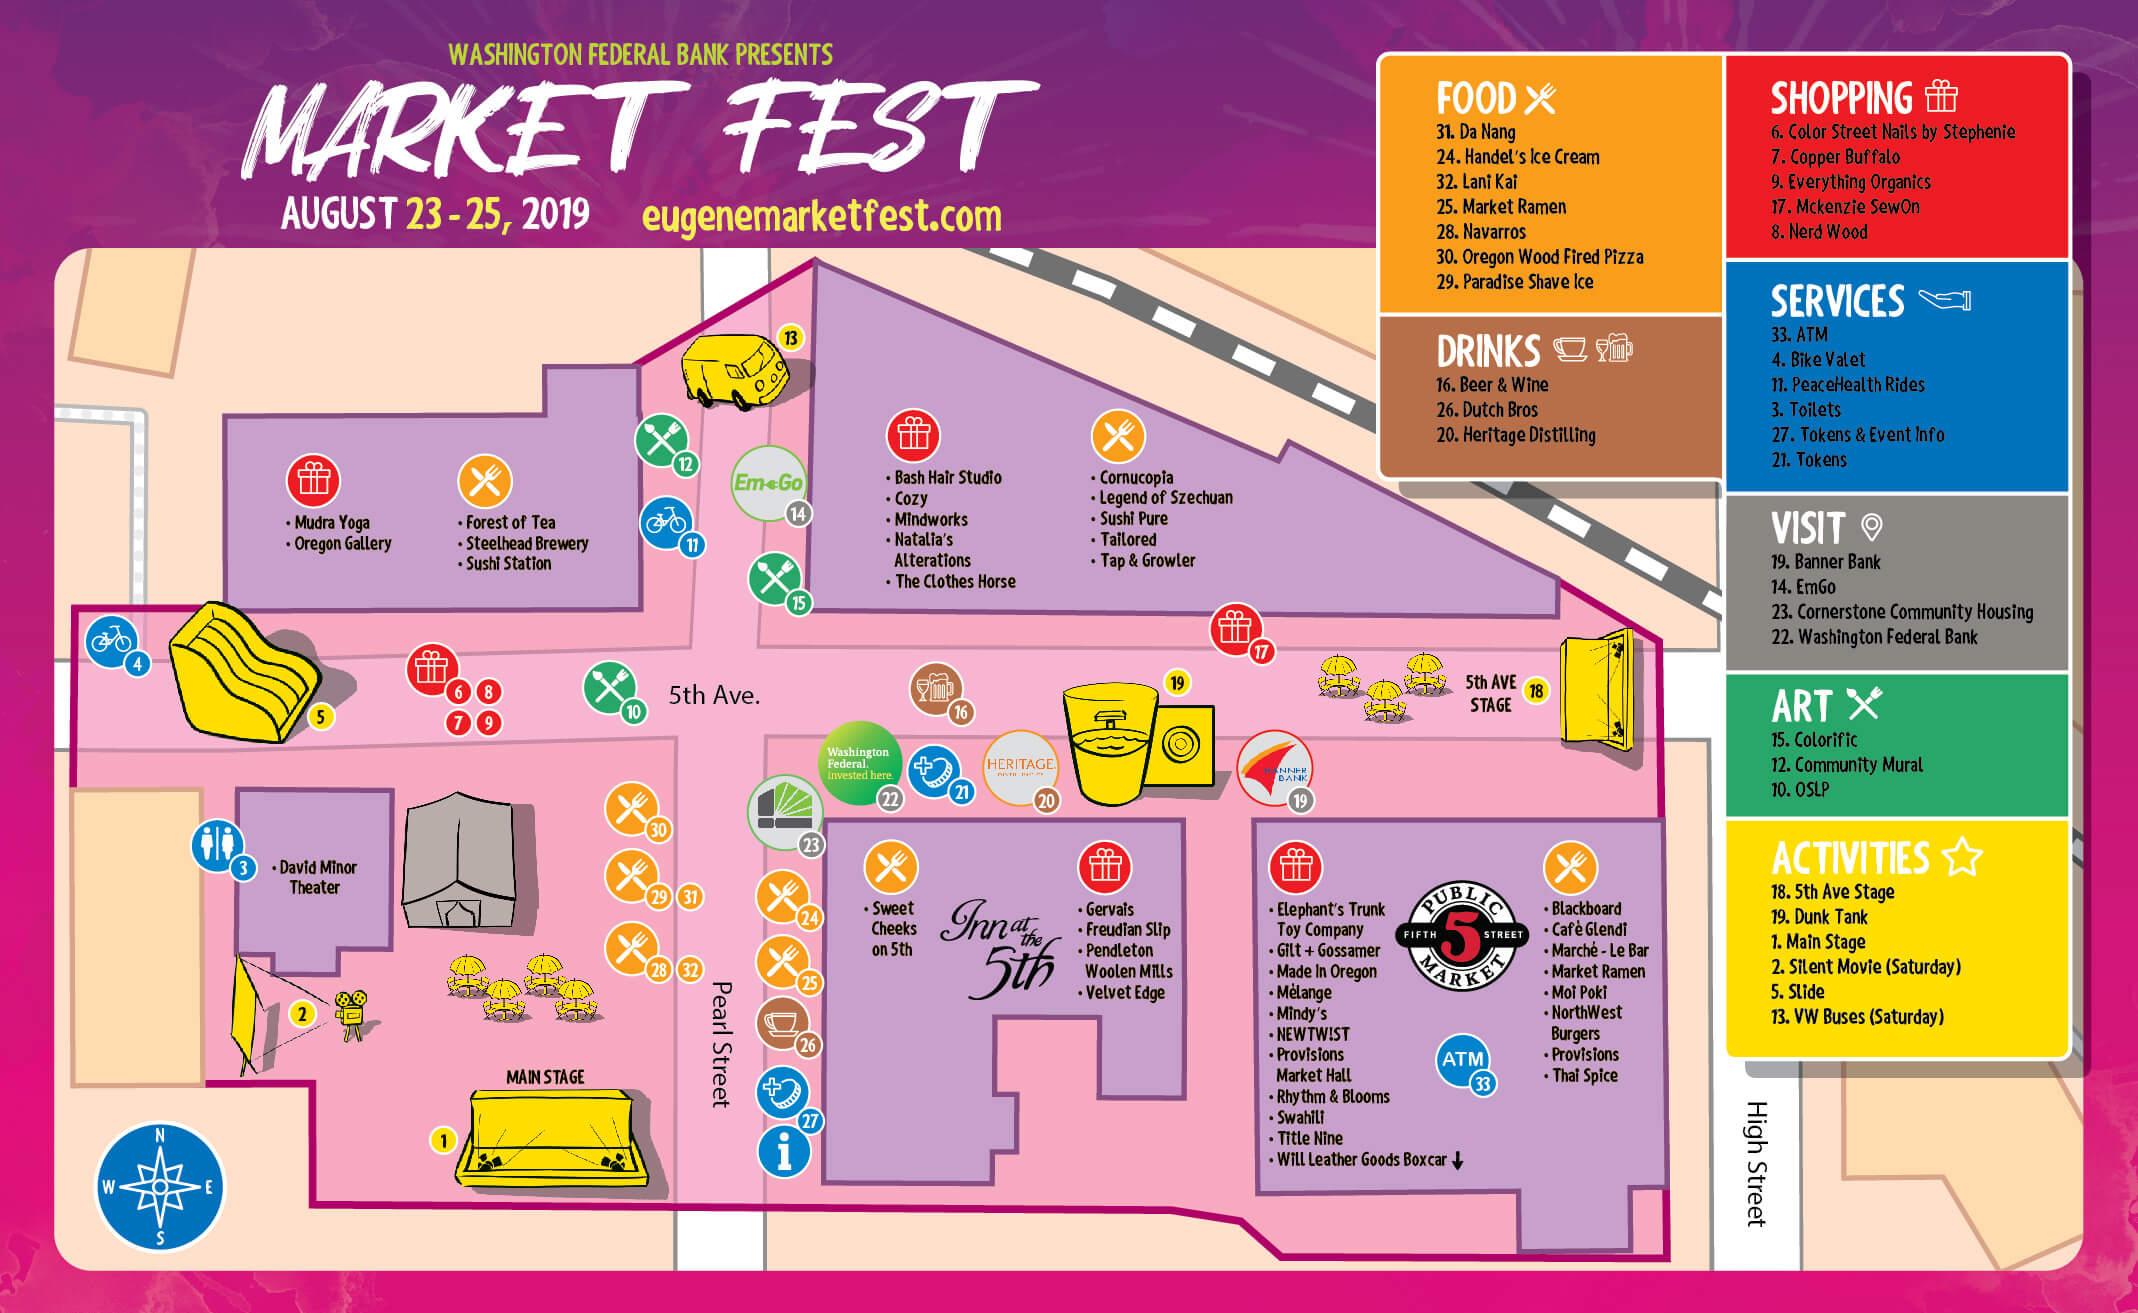 market fest event map